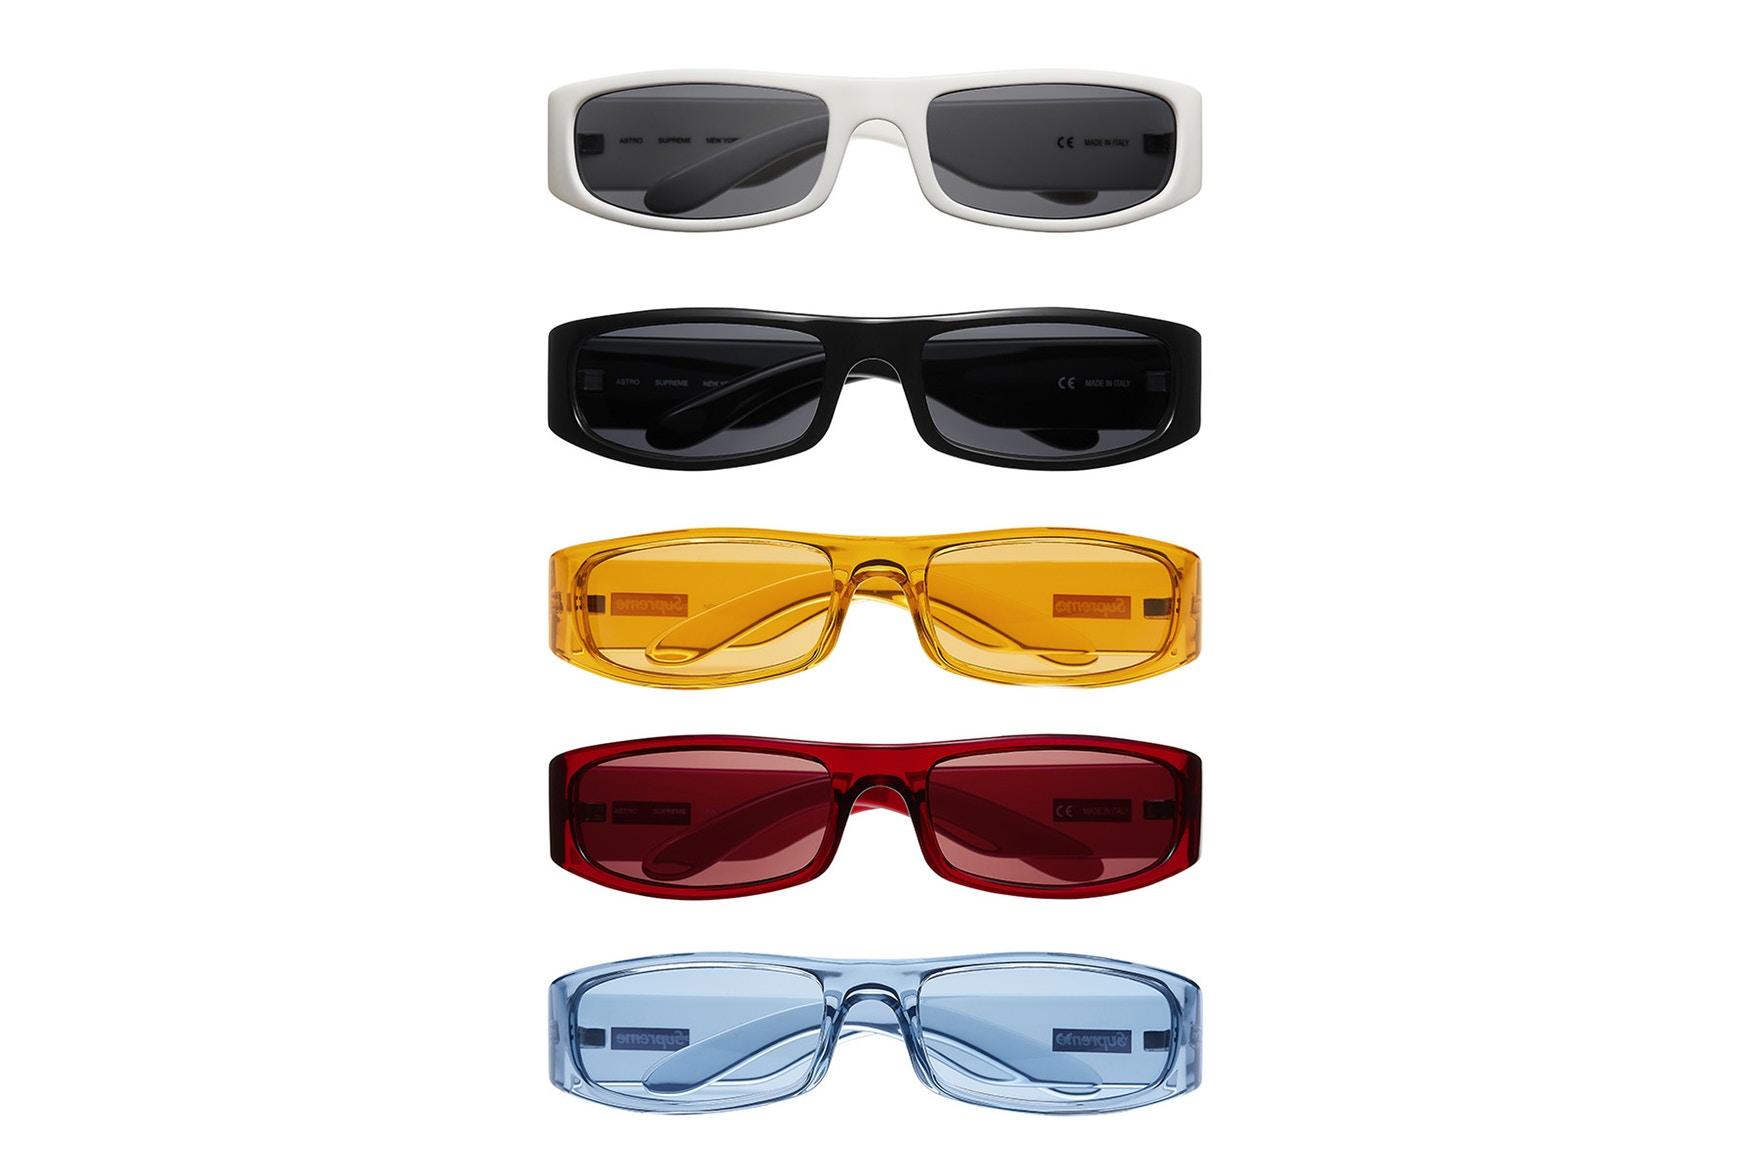 Ojo El Para Gafas Sol Con De Las Estás Buscando Mucho VeranoPues Yyf7gb6